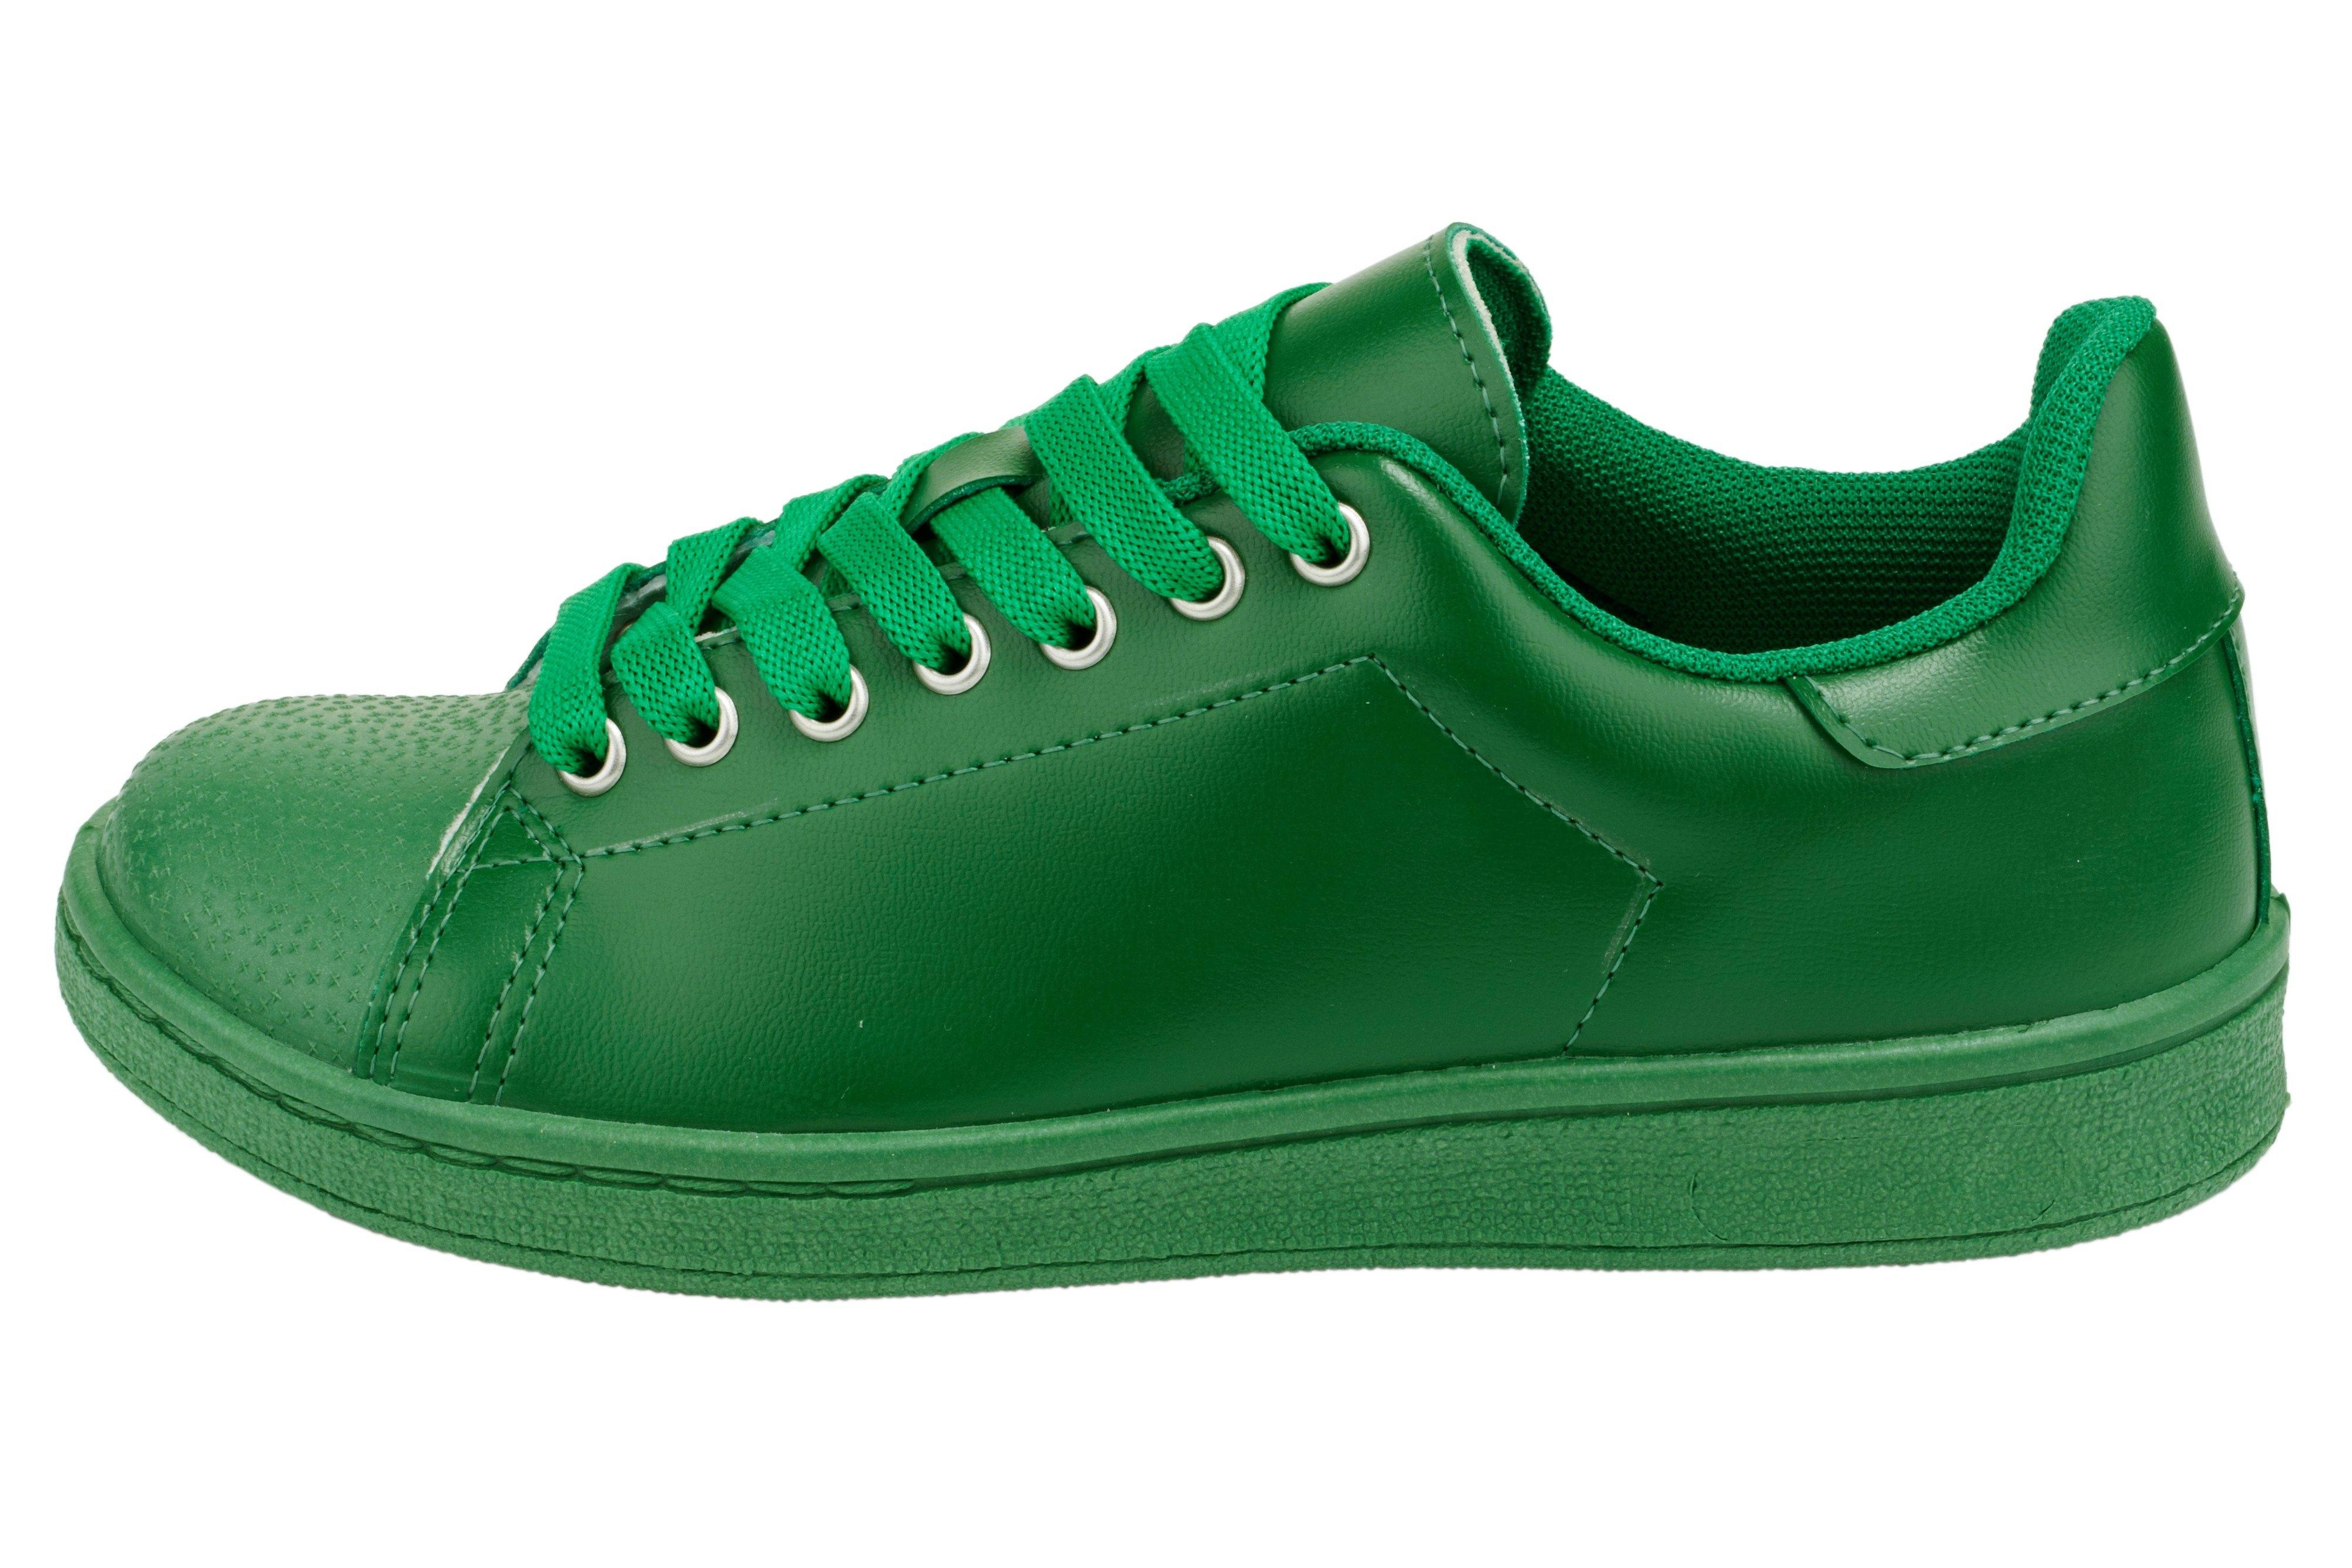 Sneakers Sneakers Shop Online Online Sneakers Shop ARL3q54j